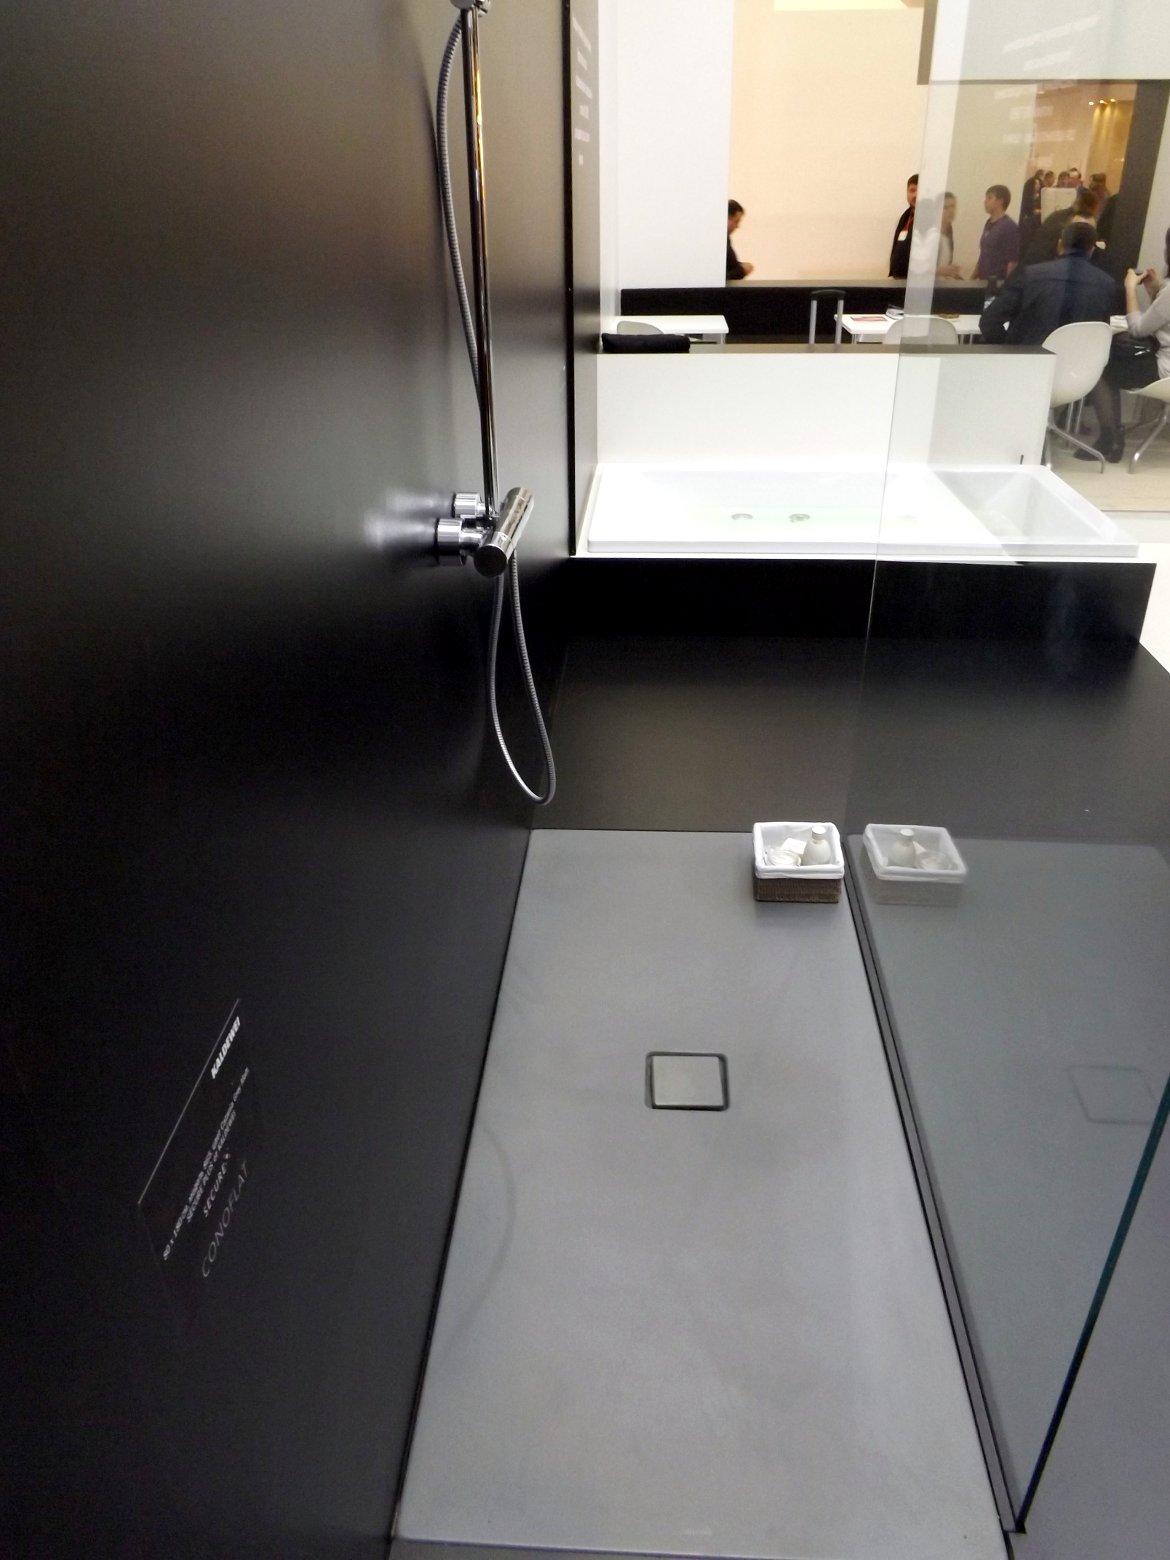 Модные тренды сантехники и аксессуаров для ванной 2016: душевая с плоским поддоном (без порогов) на экспозиции от Kaldewei во время выставки MosBuild